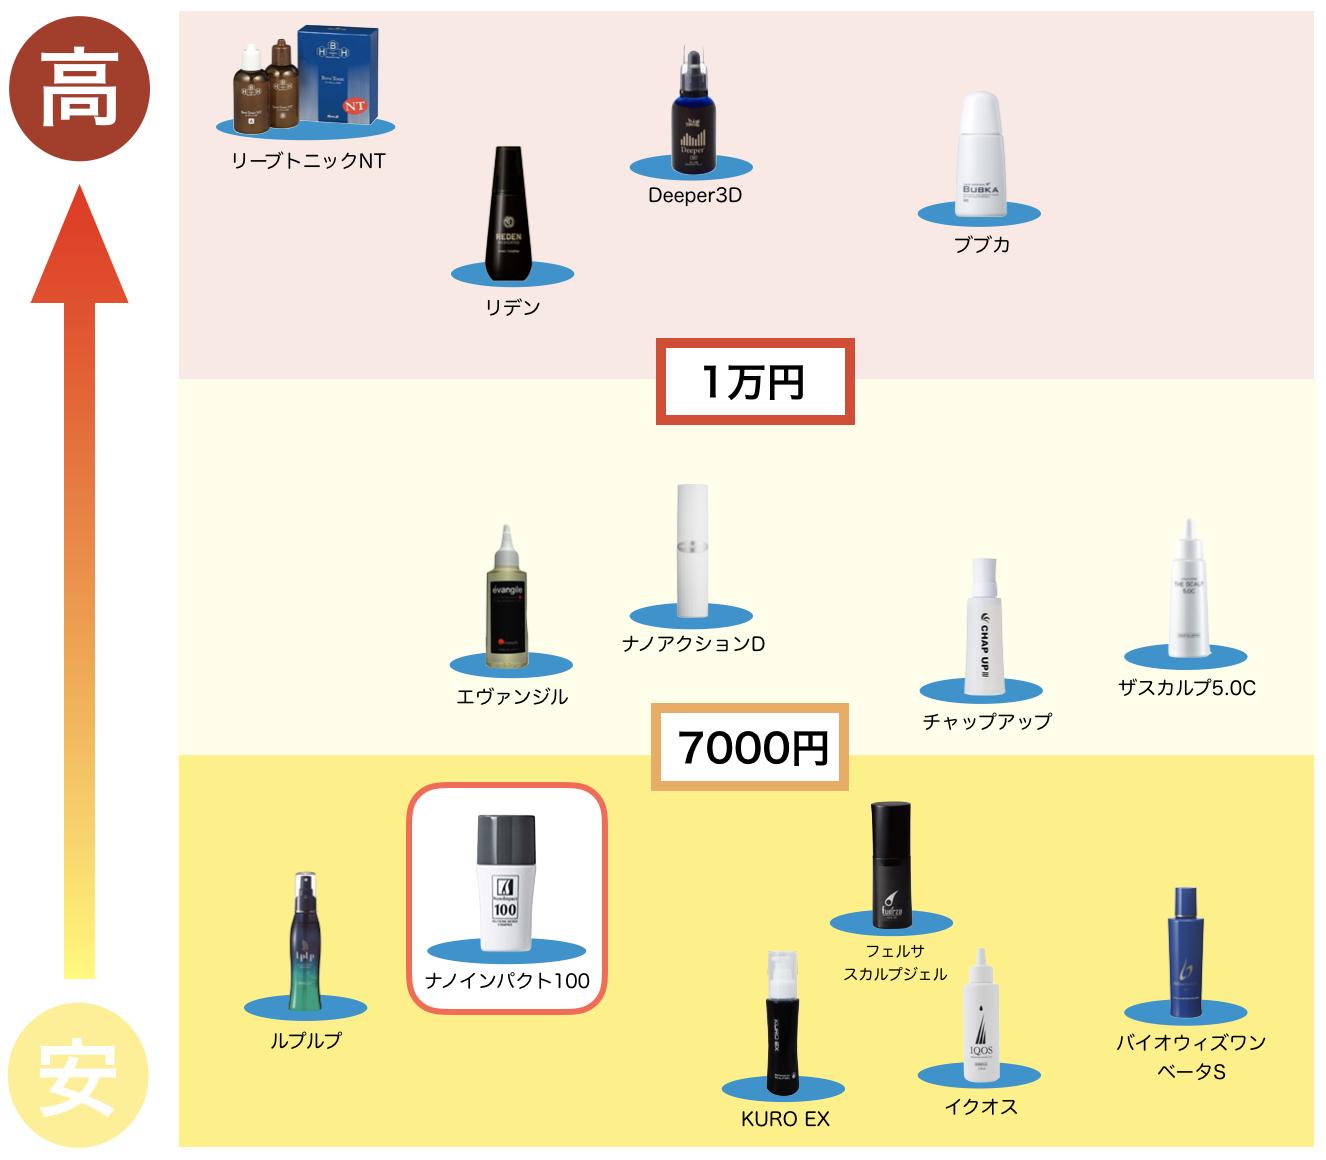 成分が40種類以上ある育毛剤で比較した選ばれたのはナノインパクト100